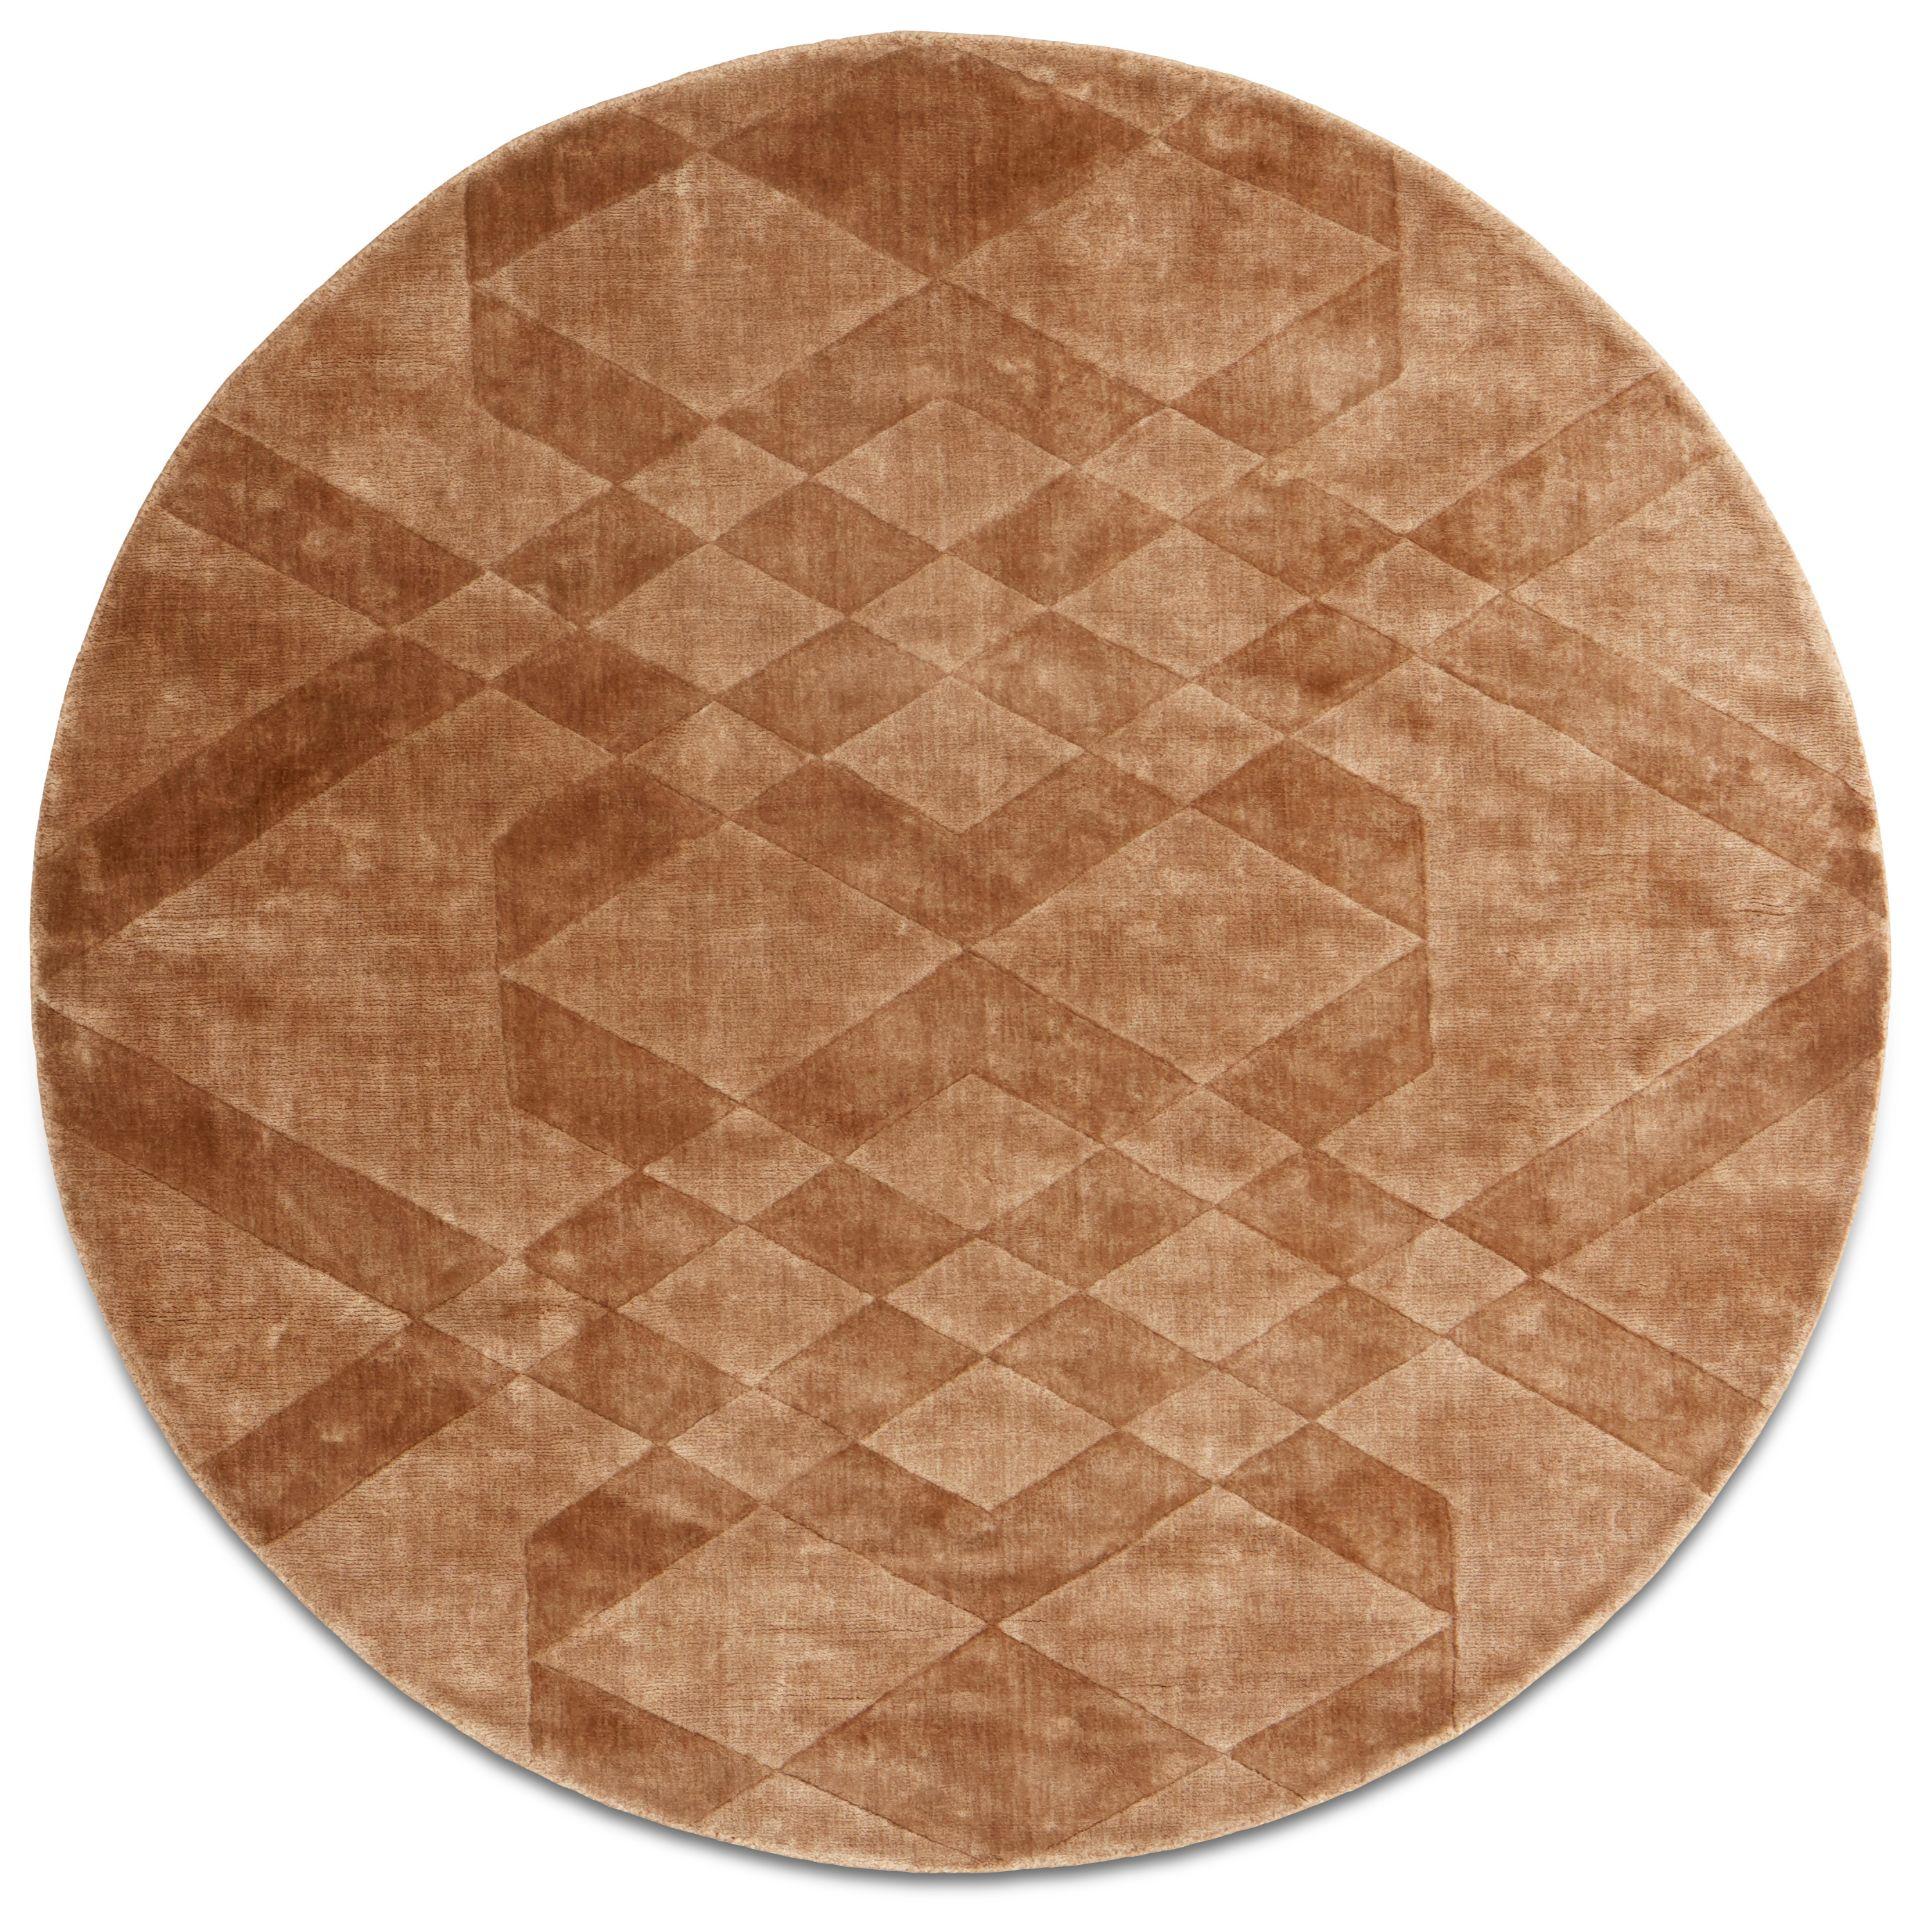 Tangle paklājs